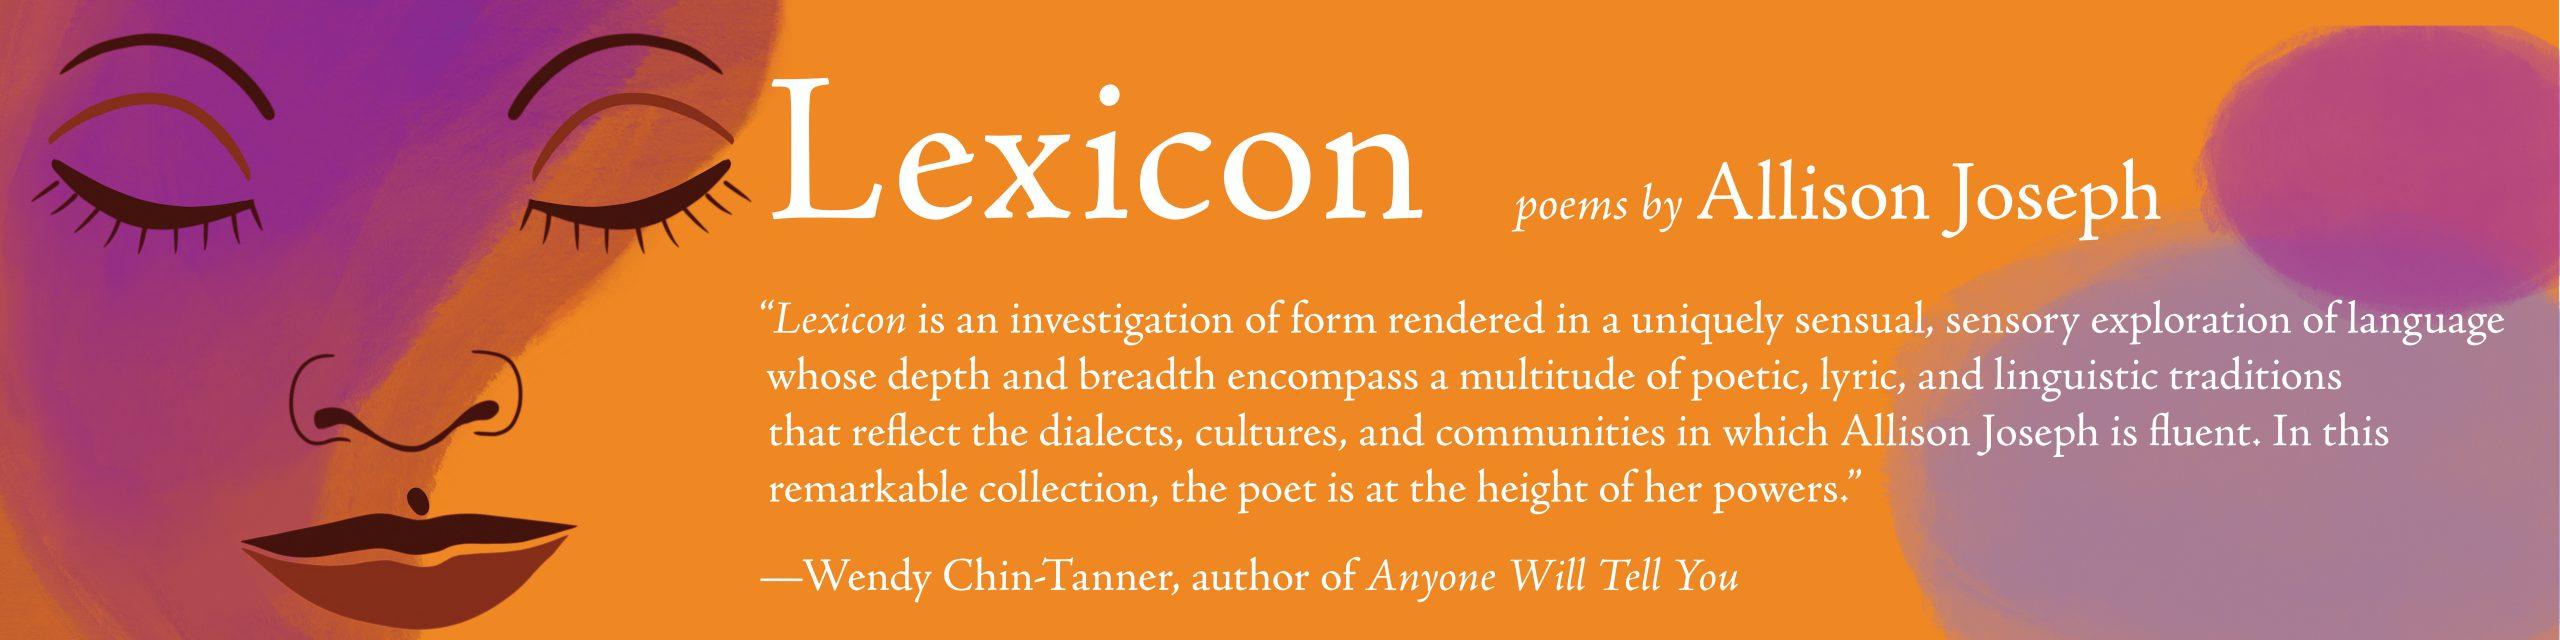 Lexicon banner